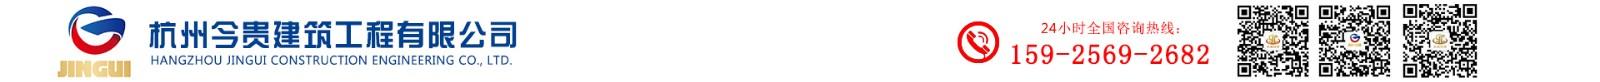 杭州岗亭厂家logo